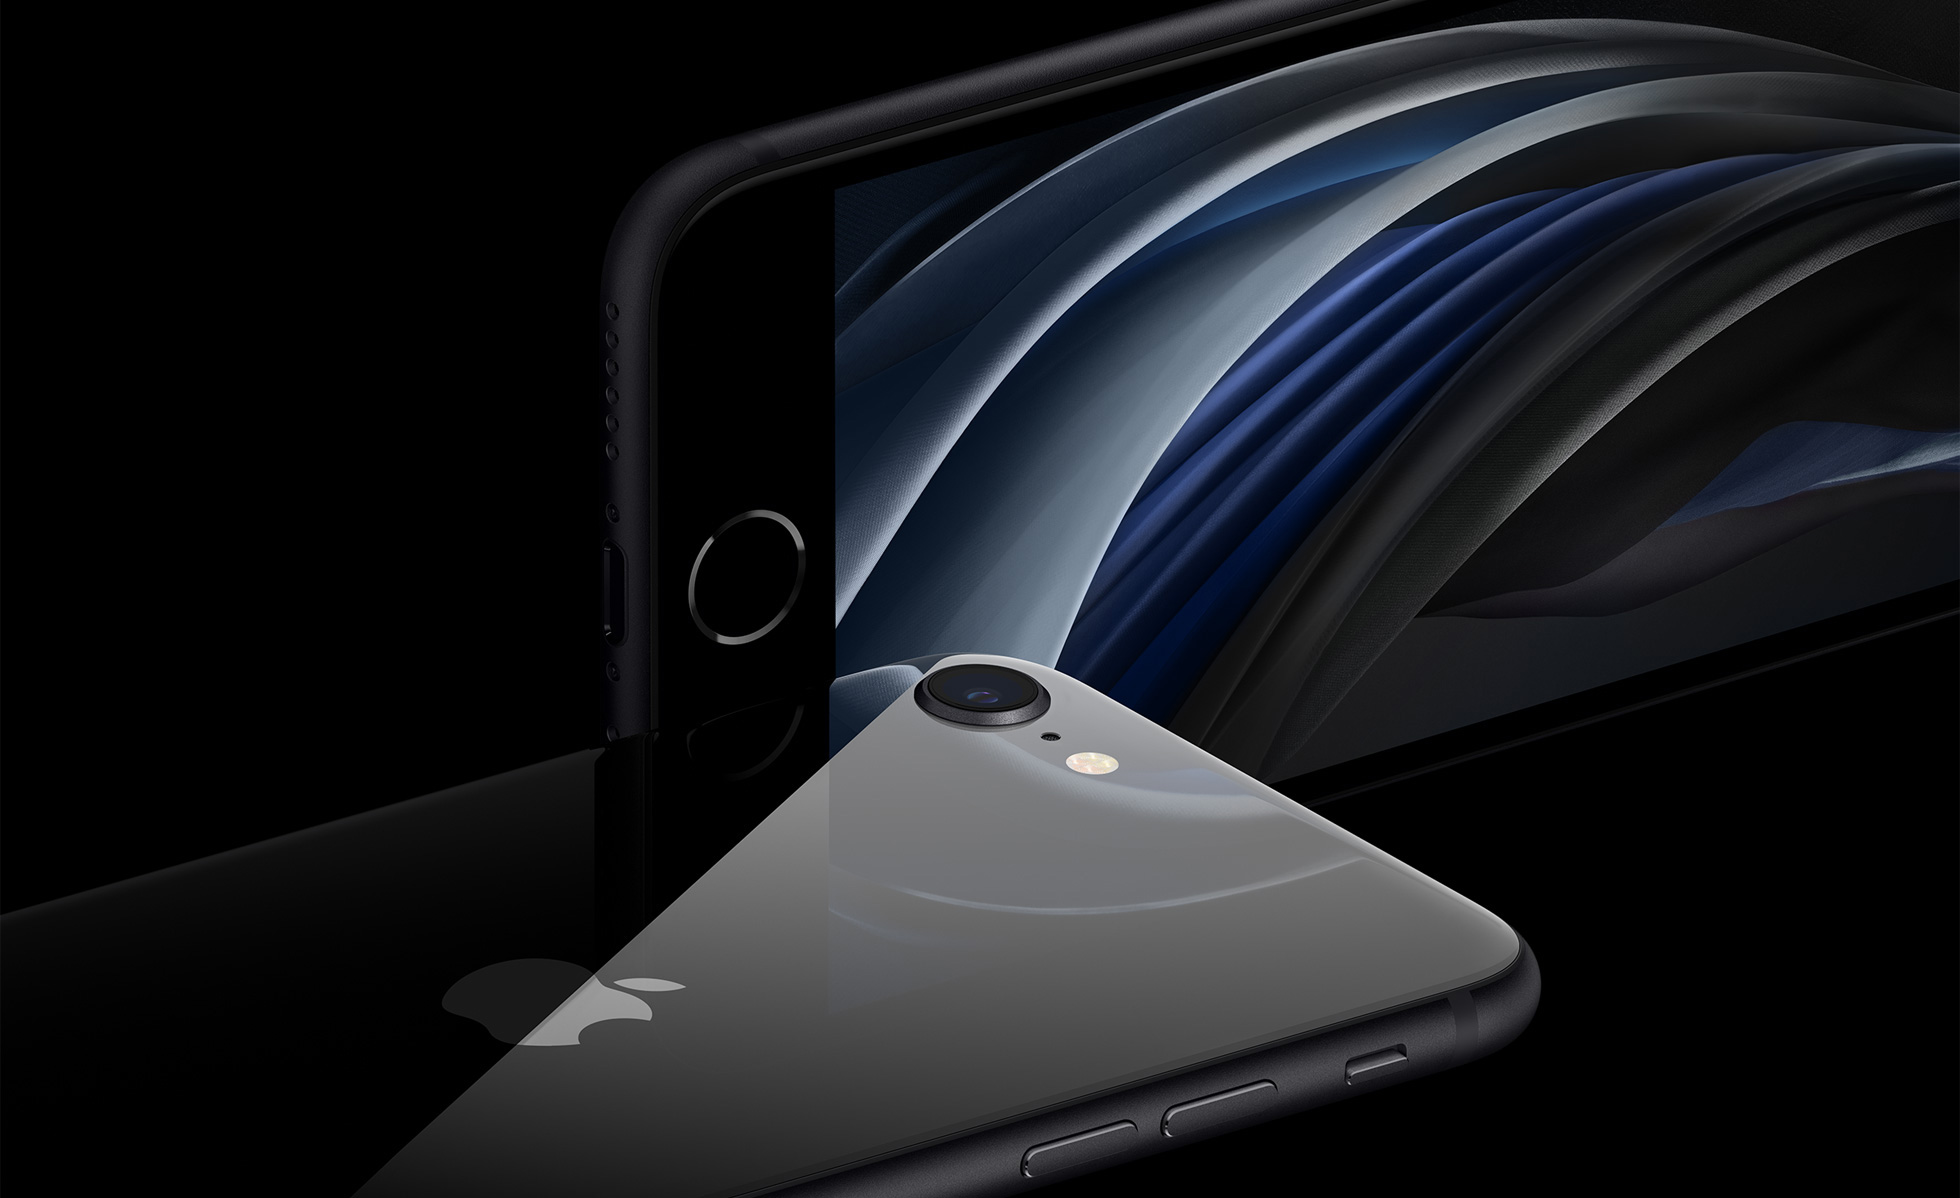 Das-neue-Apple-iPhone-SE-in-Schwarz-mit-einem-Einlinsen-Kamerasystem-und-Touch-ID